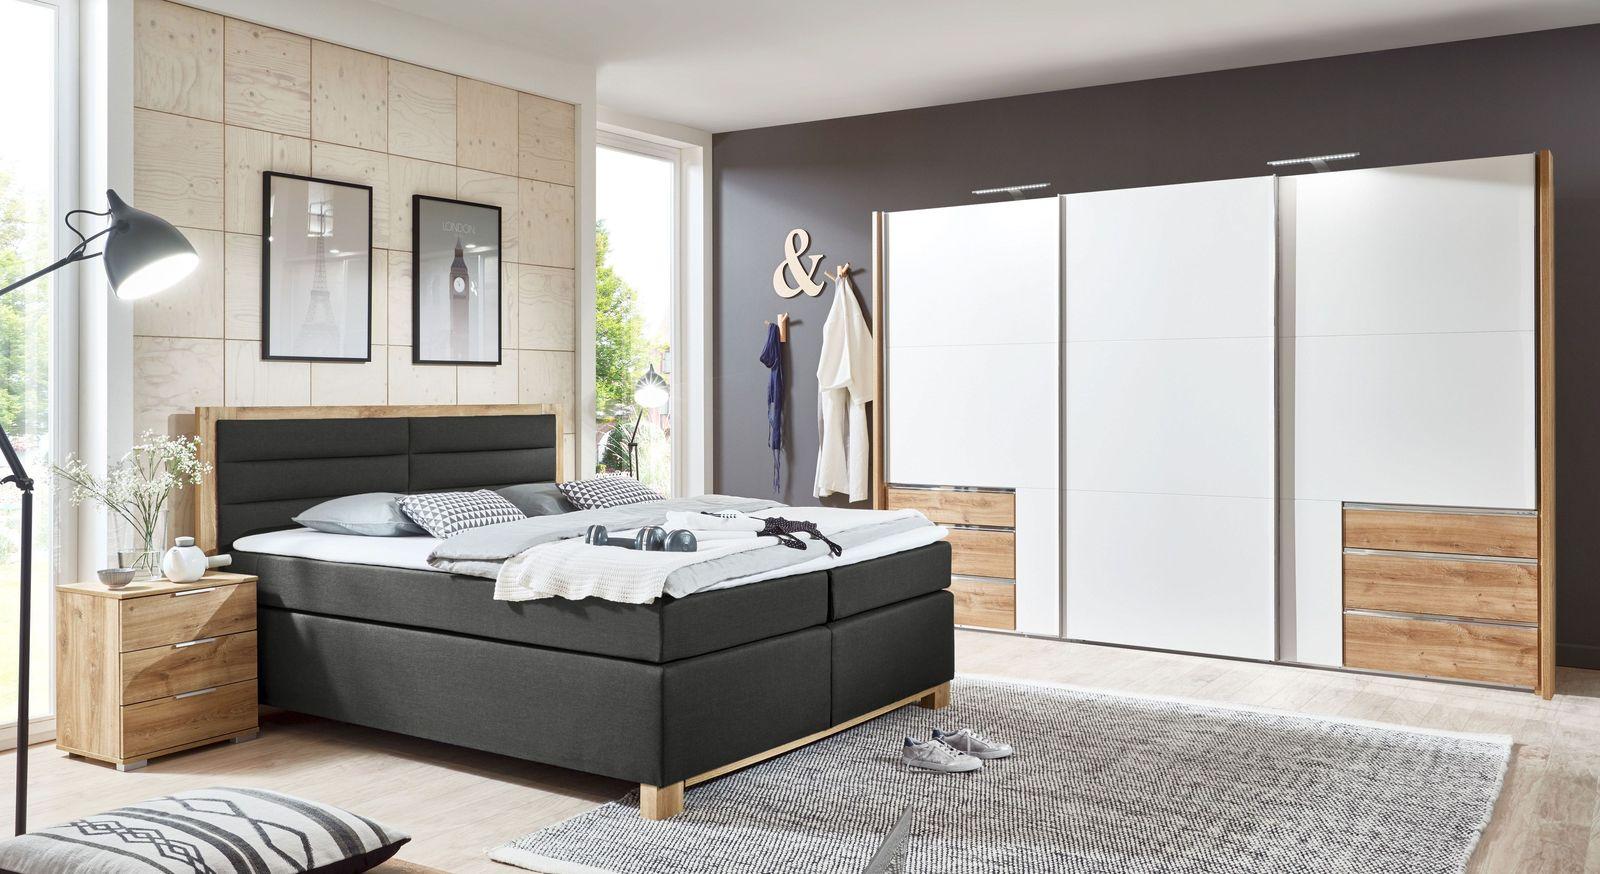 Komplett-Schlafzimmer Raca in Alpinweiß und Plankeneiche-Dekor